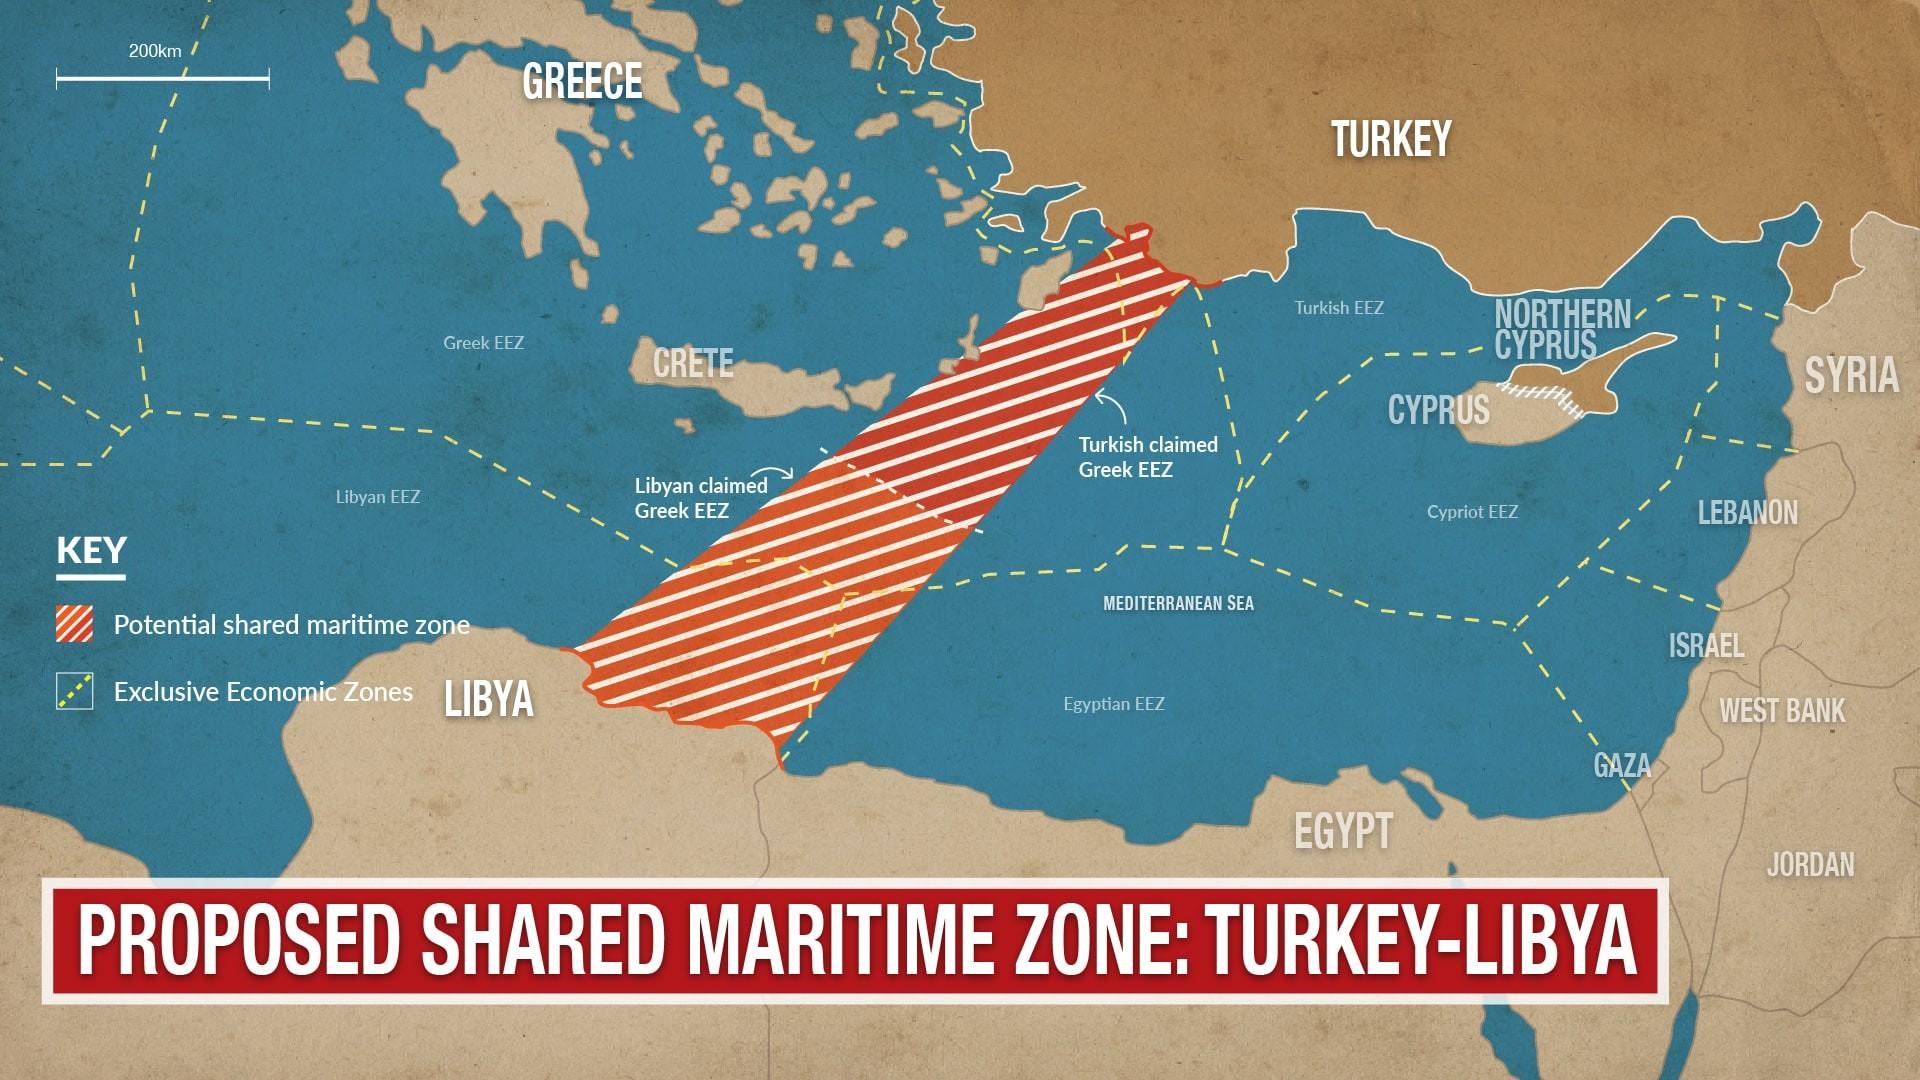 هكذا غيرت الاتفاقية التركية الليبيّة خريطة المياه في المتوسط